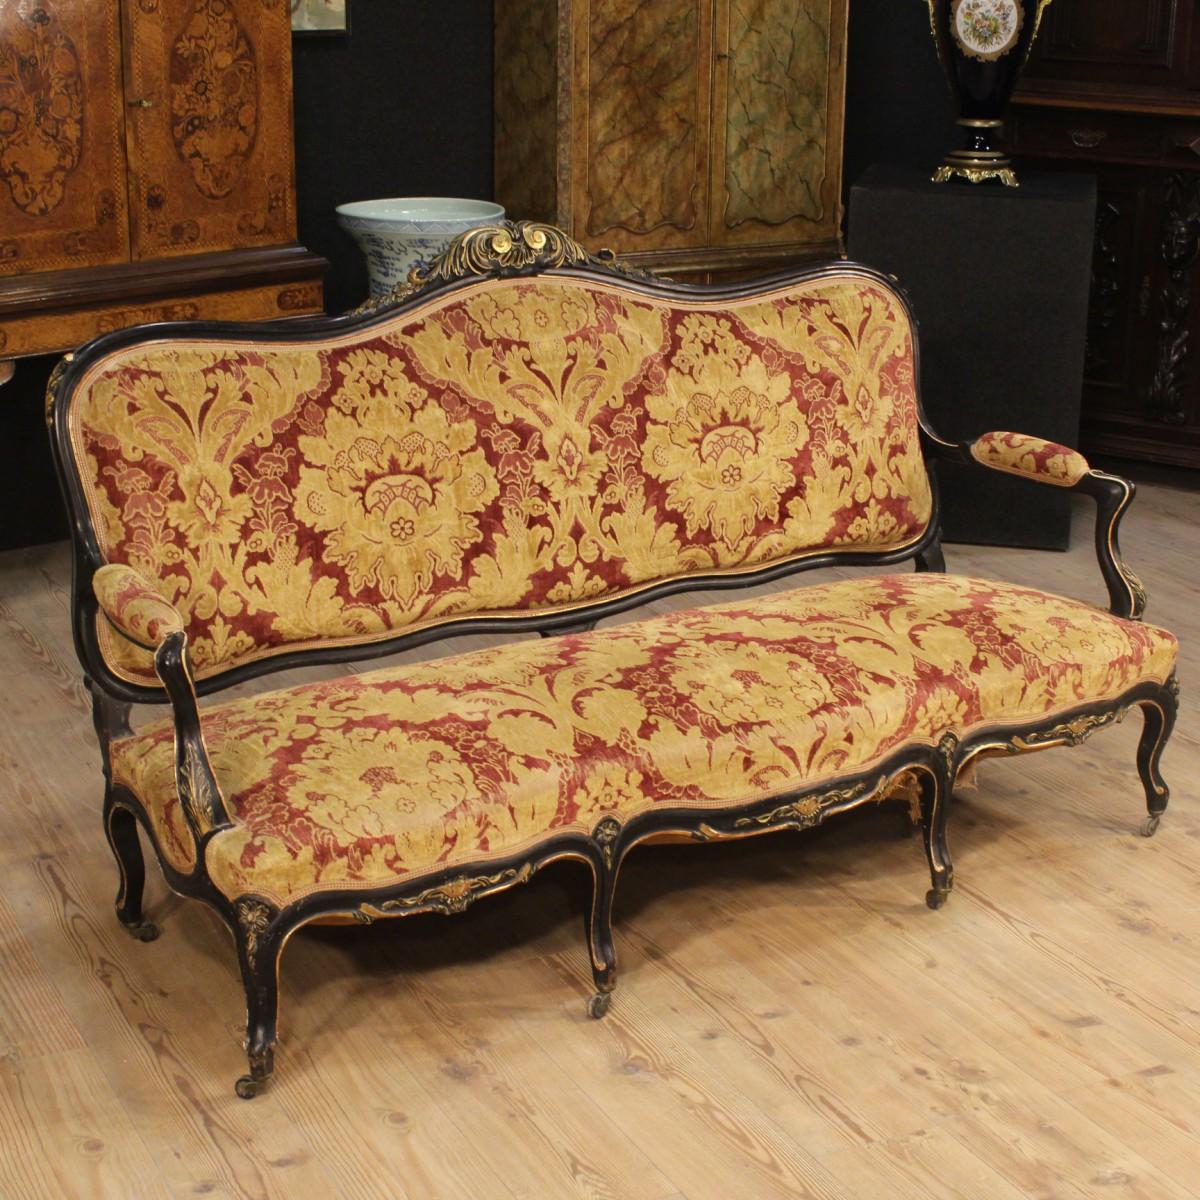 Divano francese scolpito laccato dorato salotto sof canap stile antico xx 900 ebay - Divano in francese ...